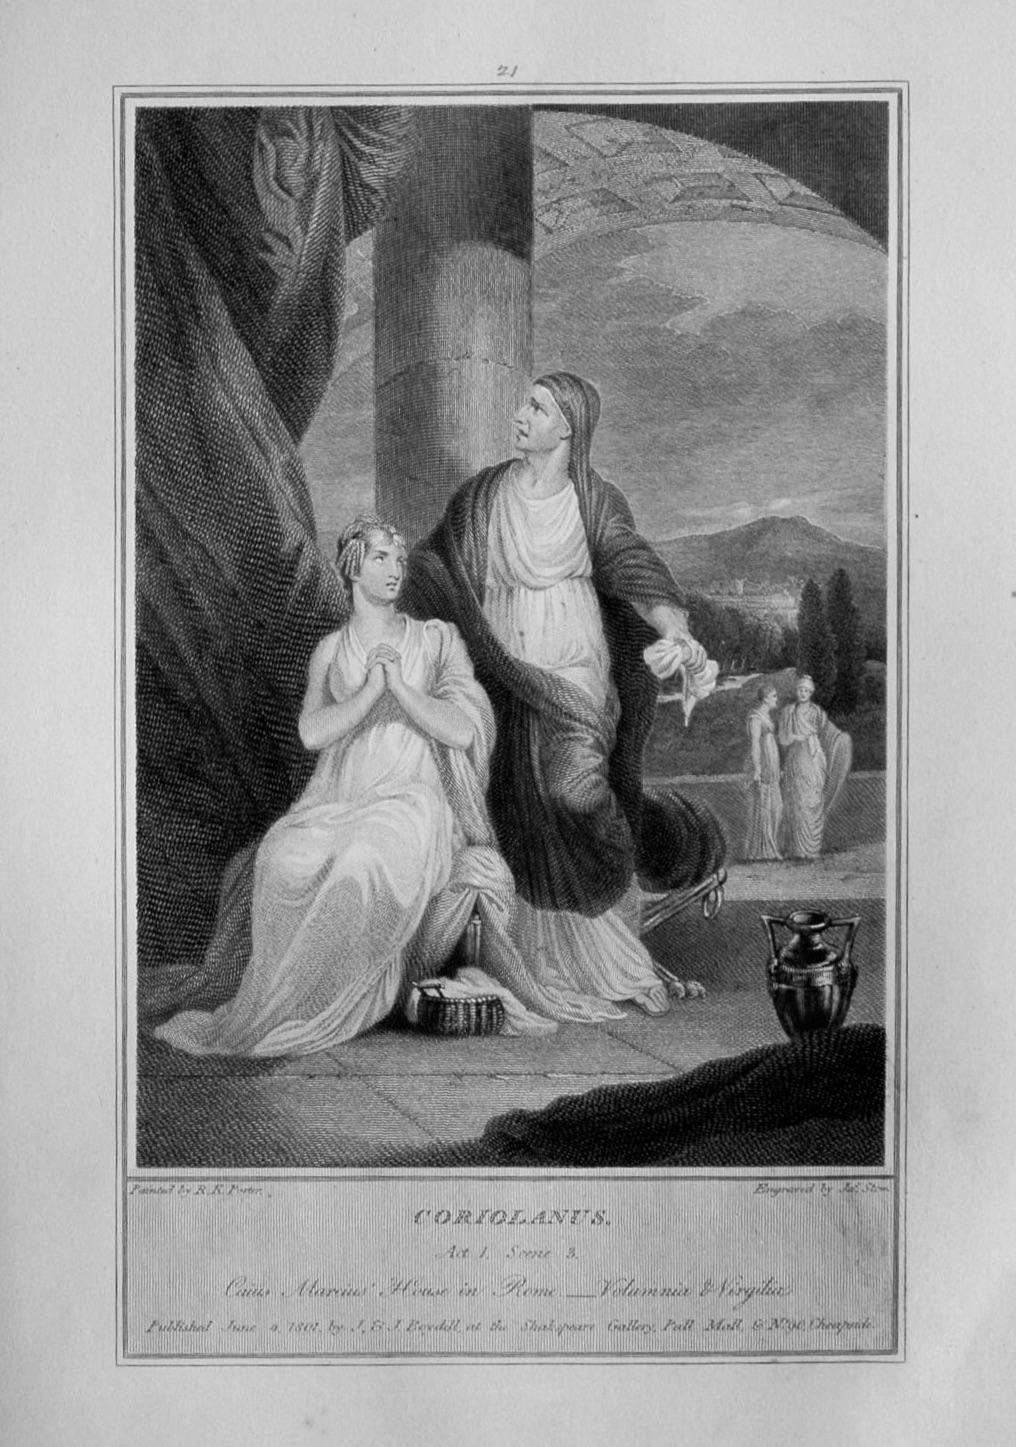 Coriolanus.